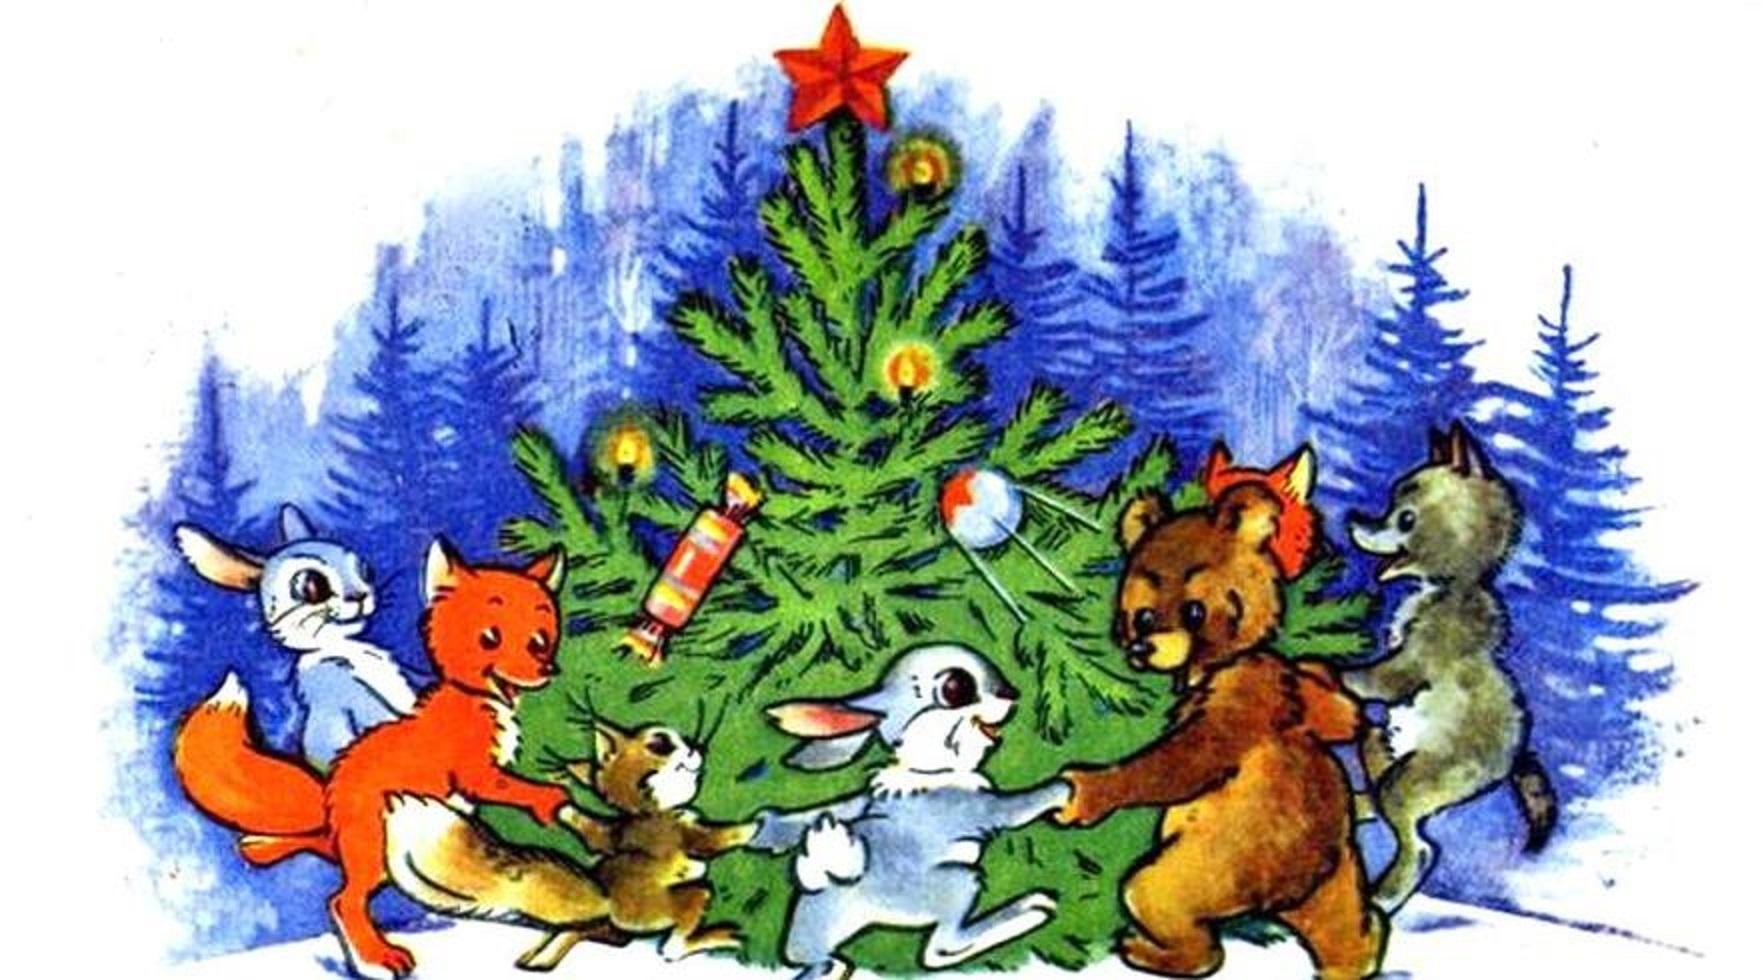 Открытки с хороводами на новый год, открытку рождеством христовым